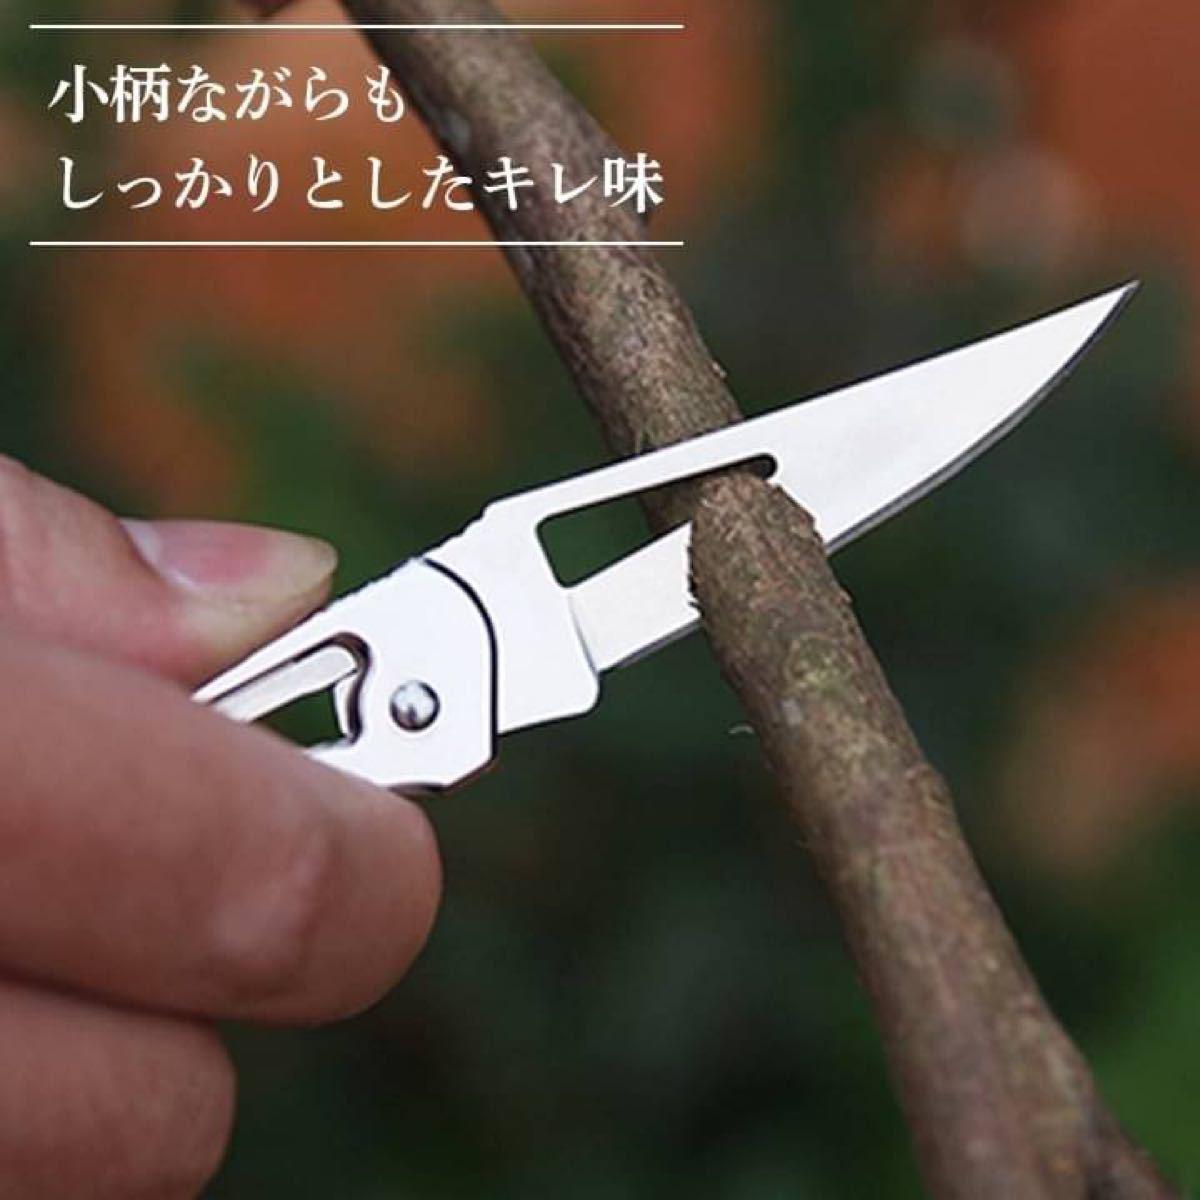 【アウトドアに最適】カラビナ折りたたみナイフ・2本セット